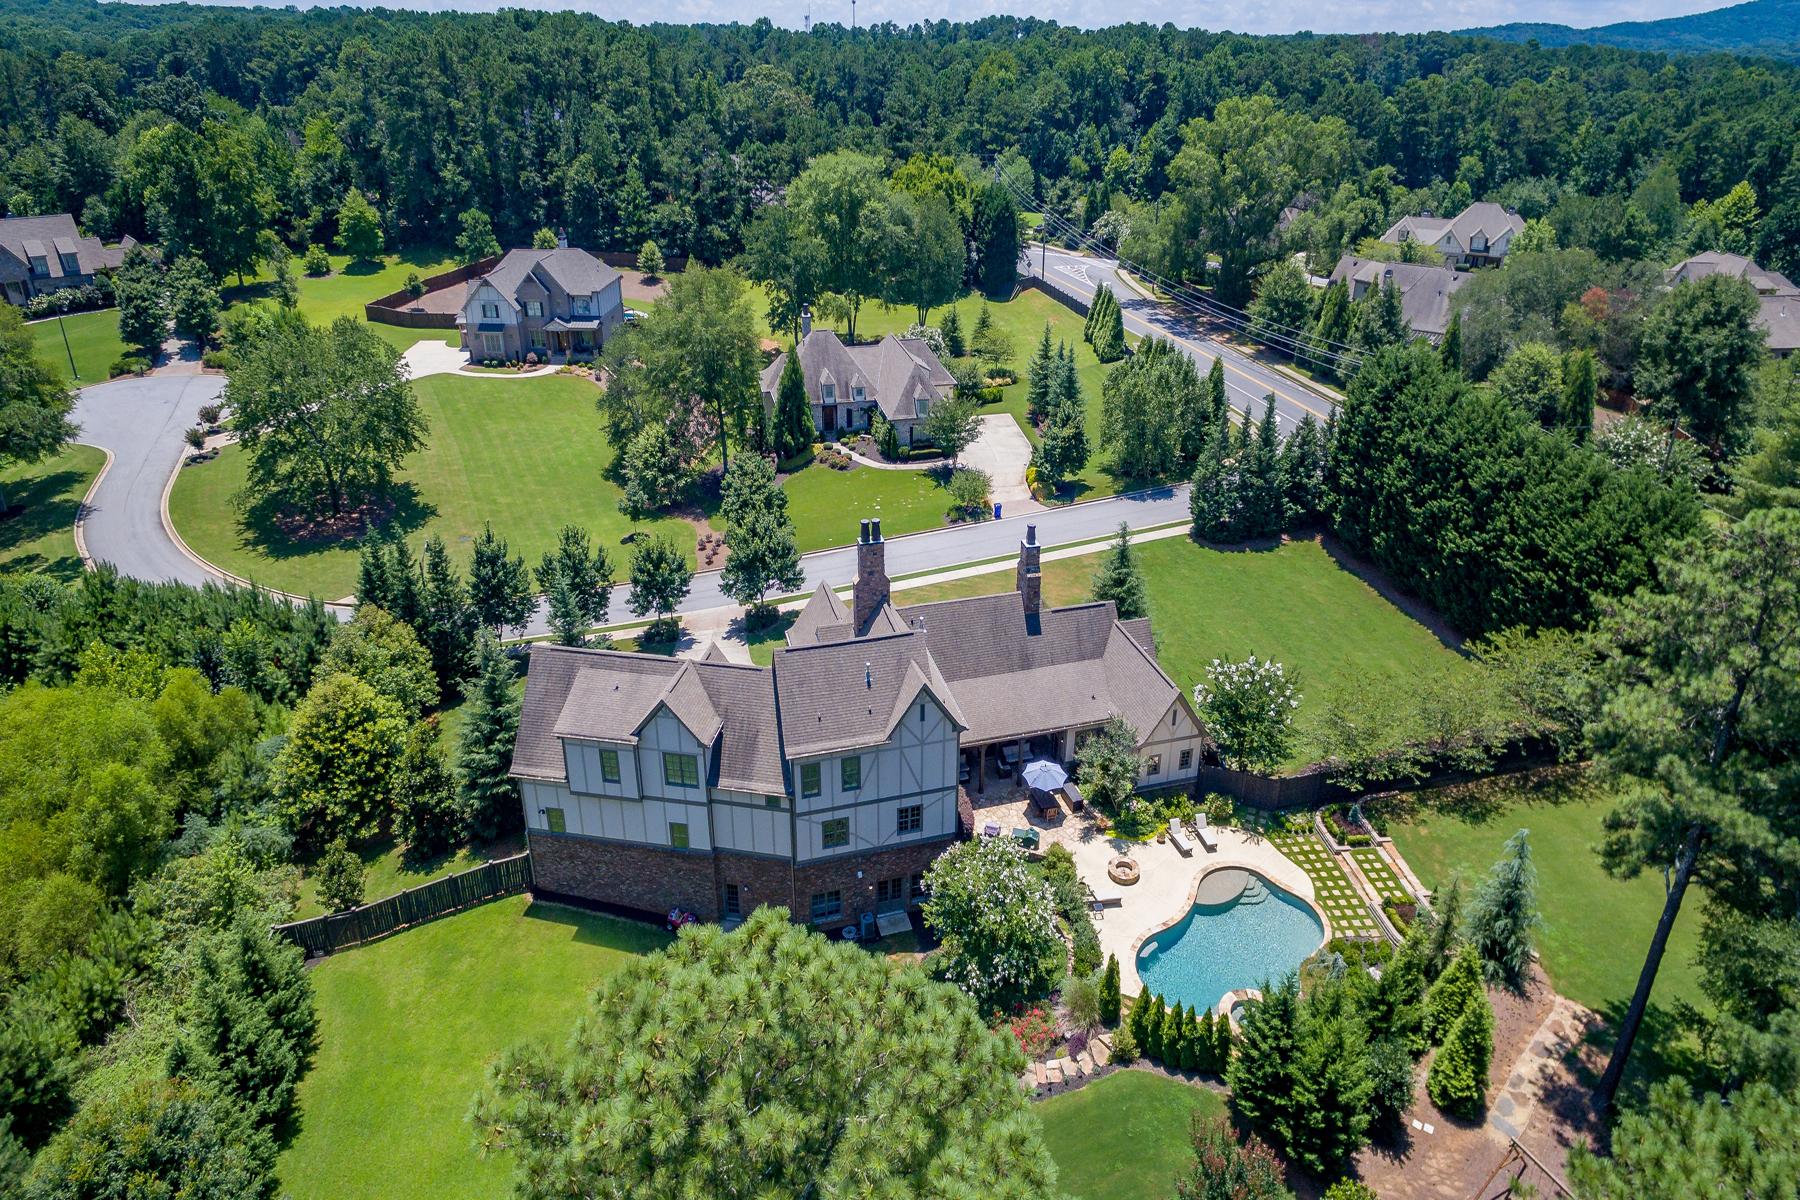 Casa para uma família para Venda às Captivating French Country Estate on 1.2 +/- Acres with Walk-Out Backyard 4040 Southdown Lane NW Kennesaw, Geórgia, 30152 Estados Unidos